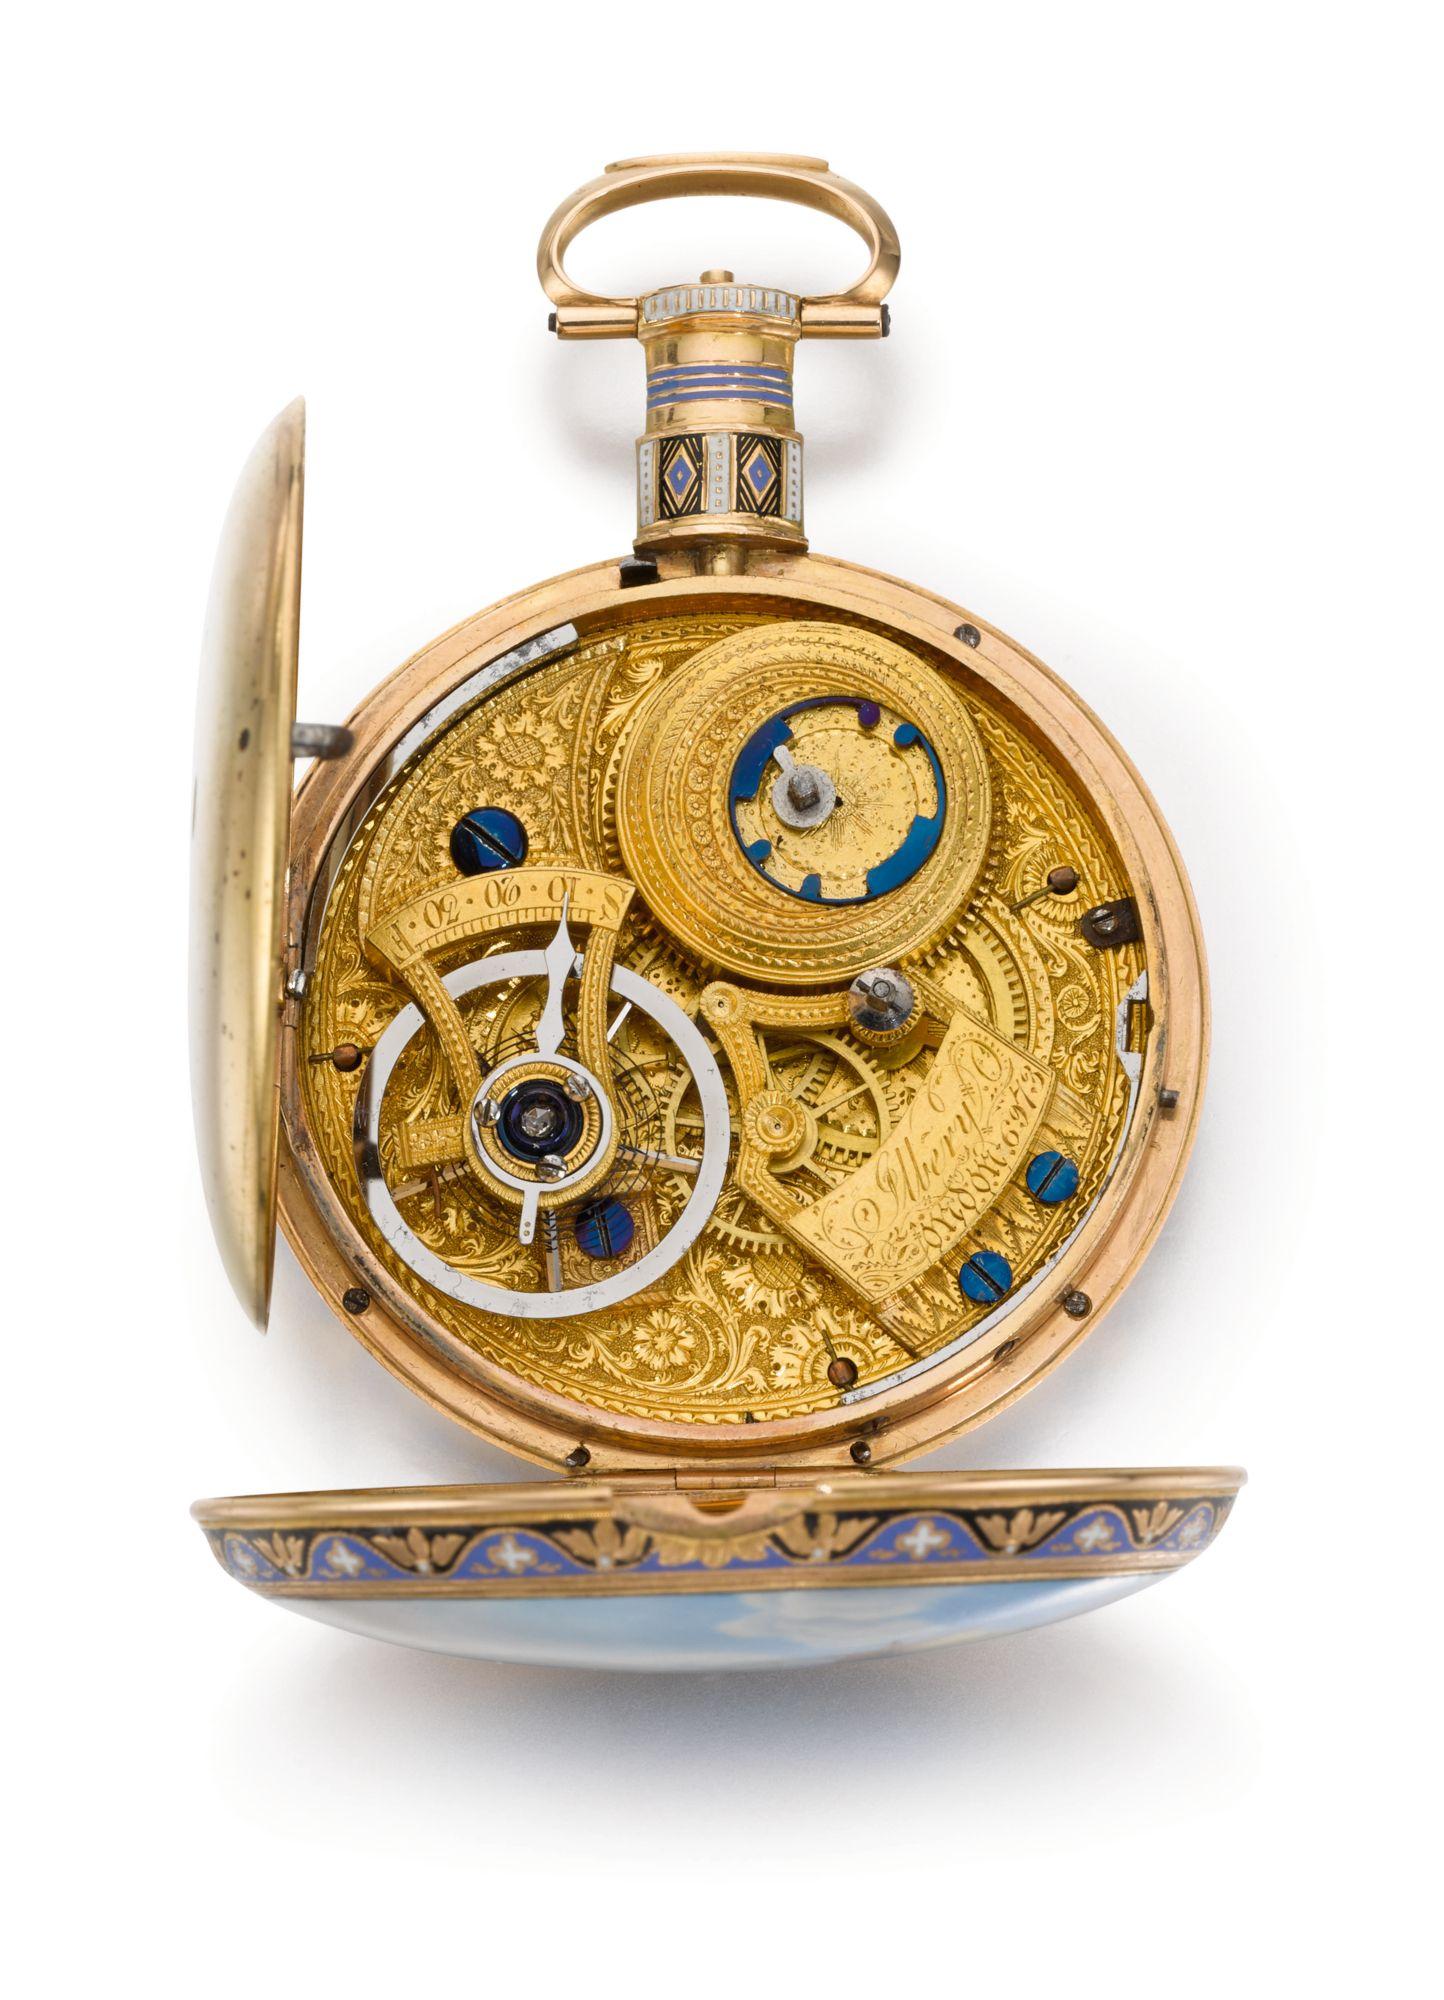 Ilbery, 1820, montre de poche ouverte en or et émail chinois (Photo: Sotheby's)